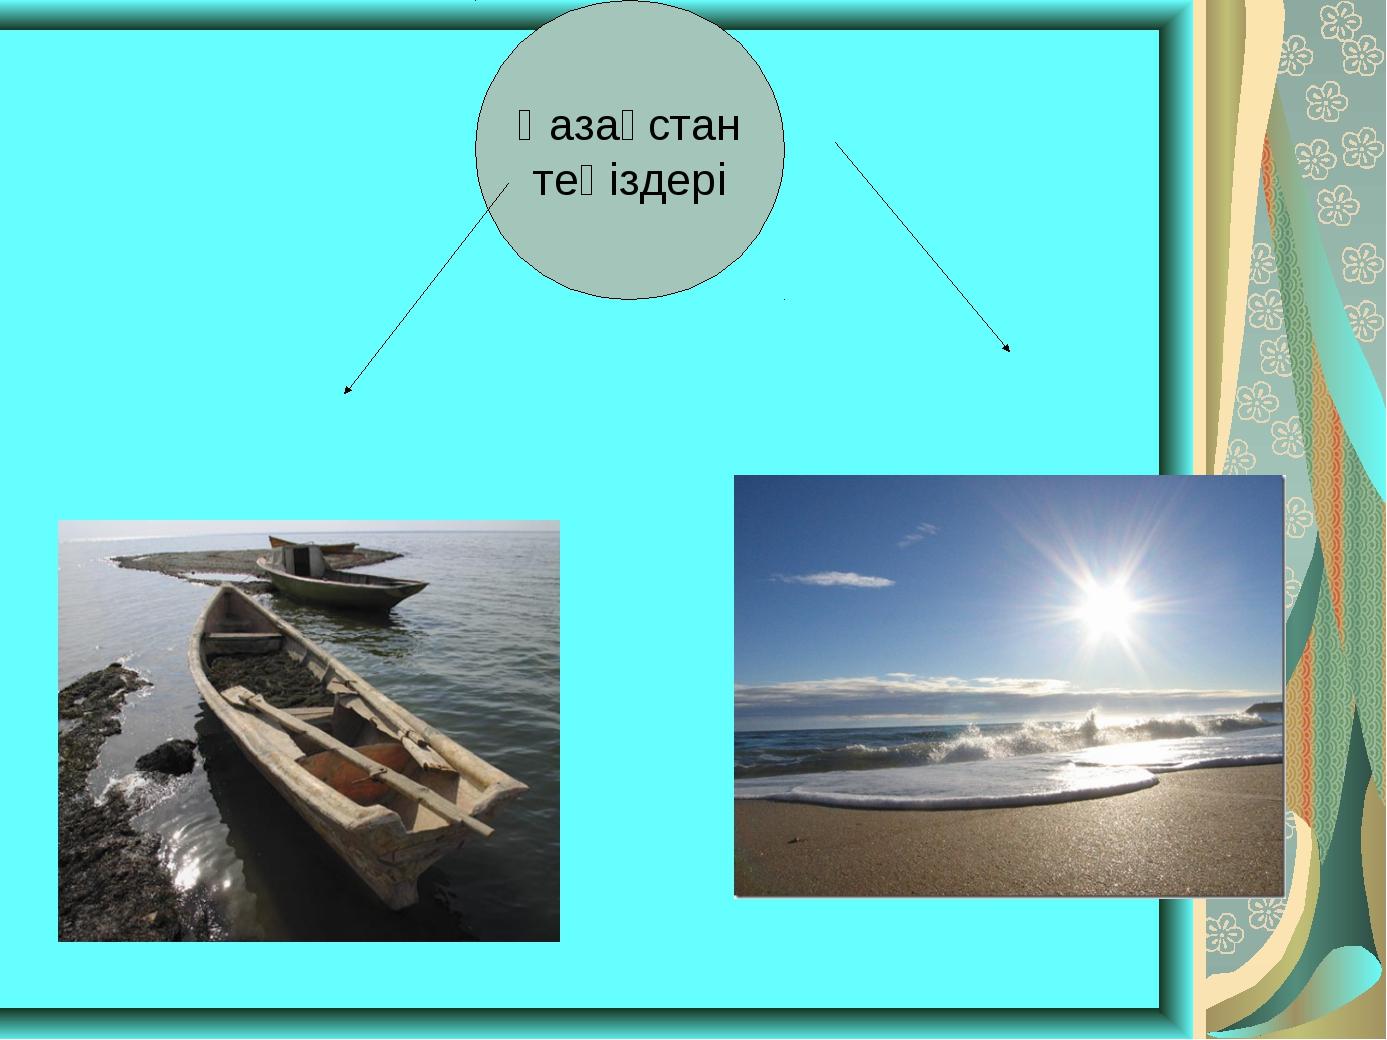 Қазақстан теңіздері